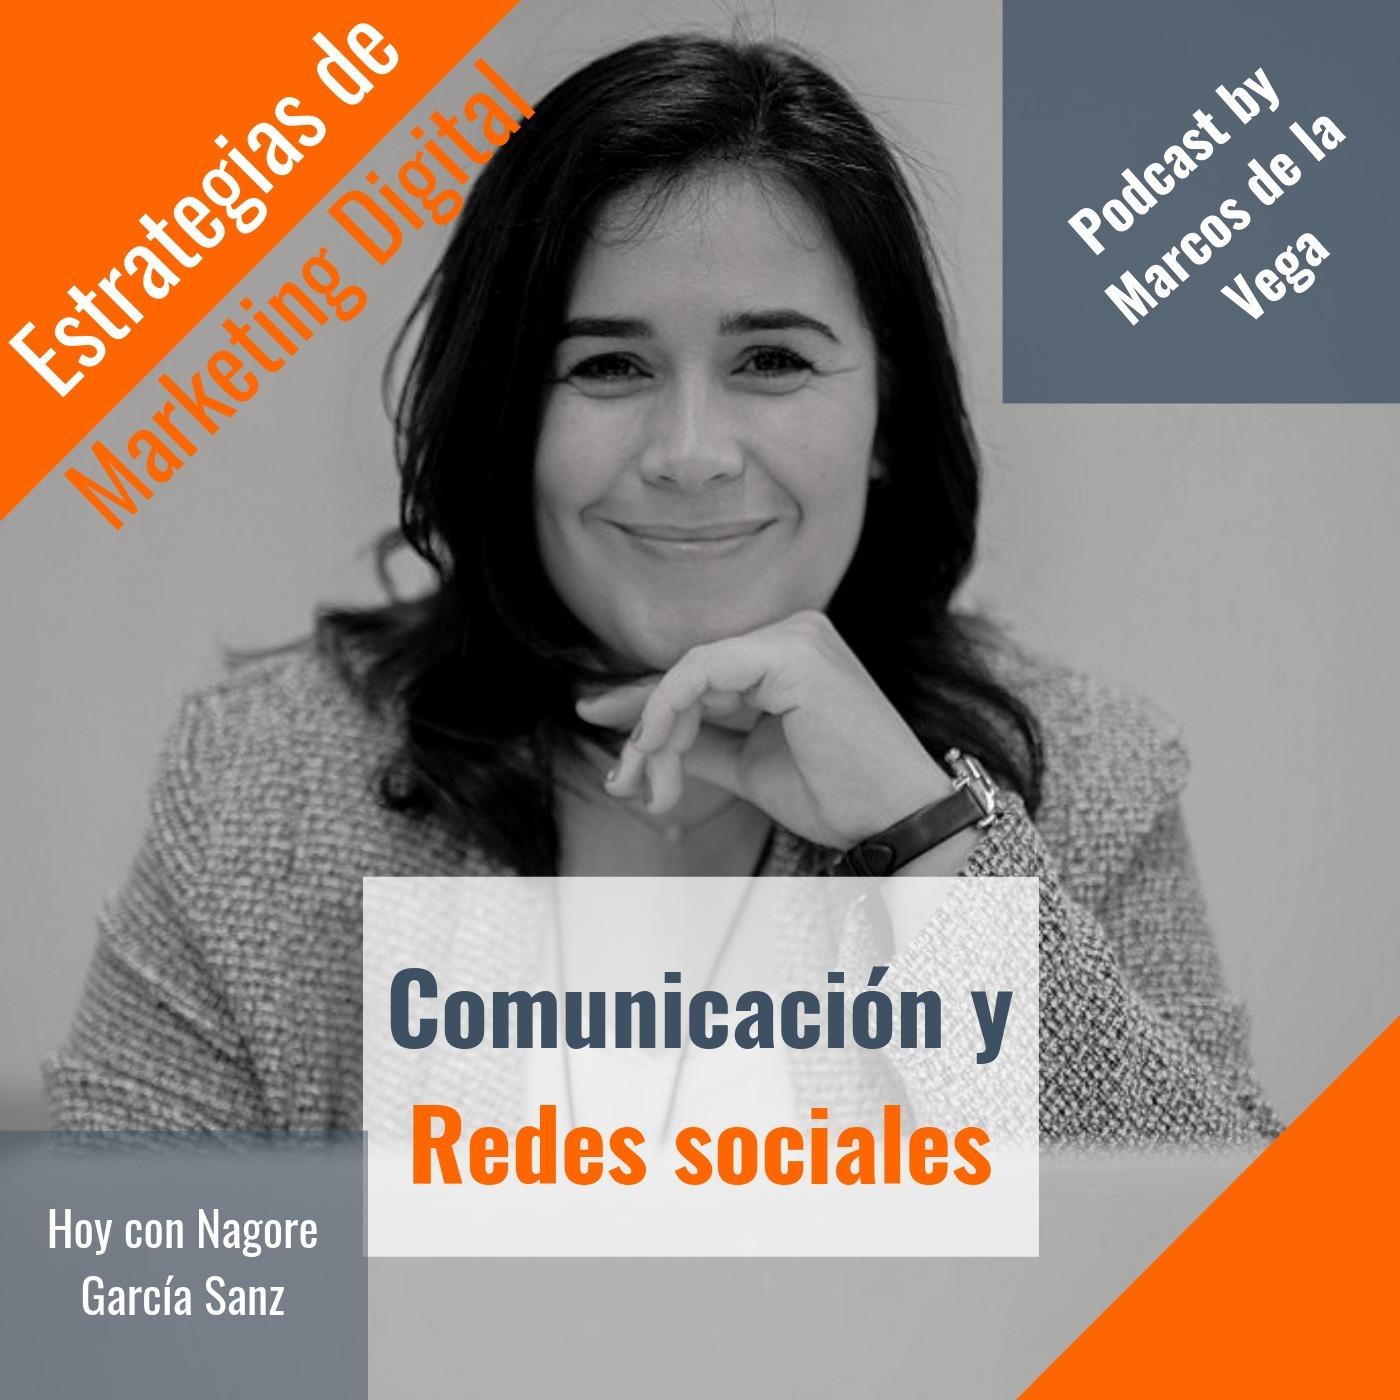 Episodio 8 - Comunicación y redes sociales con Nagore García Sanz